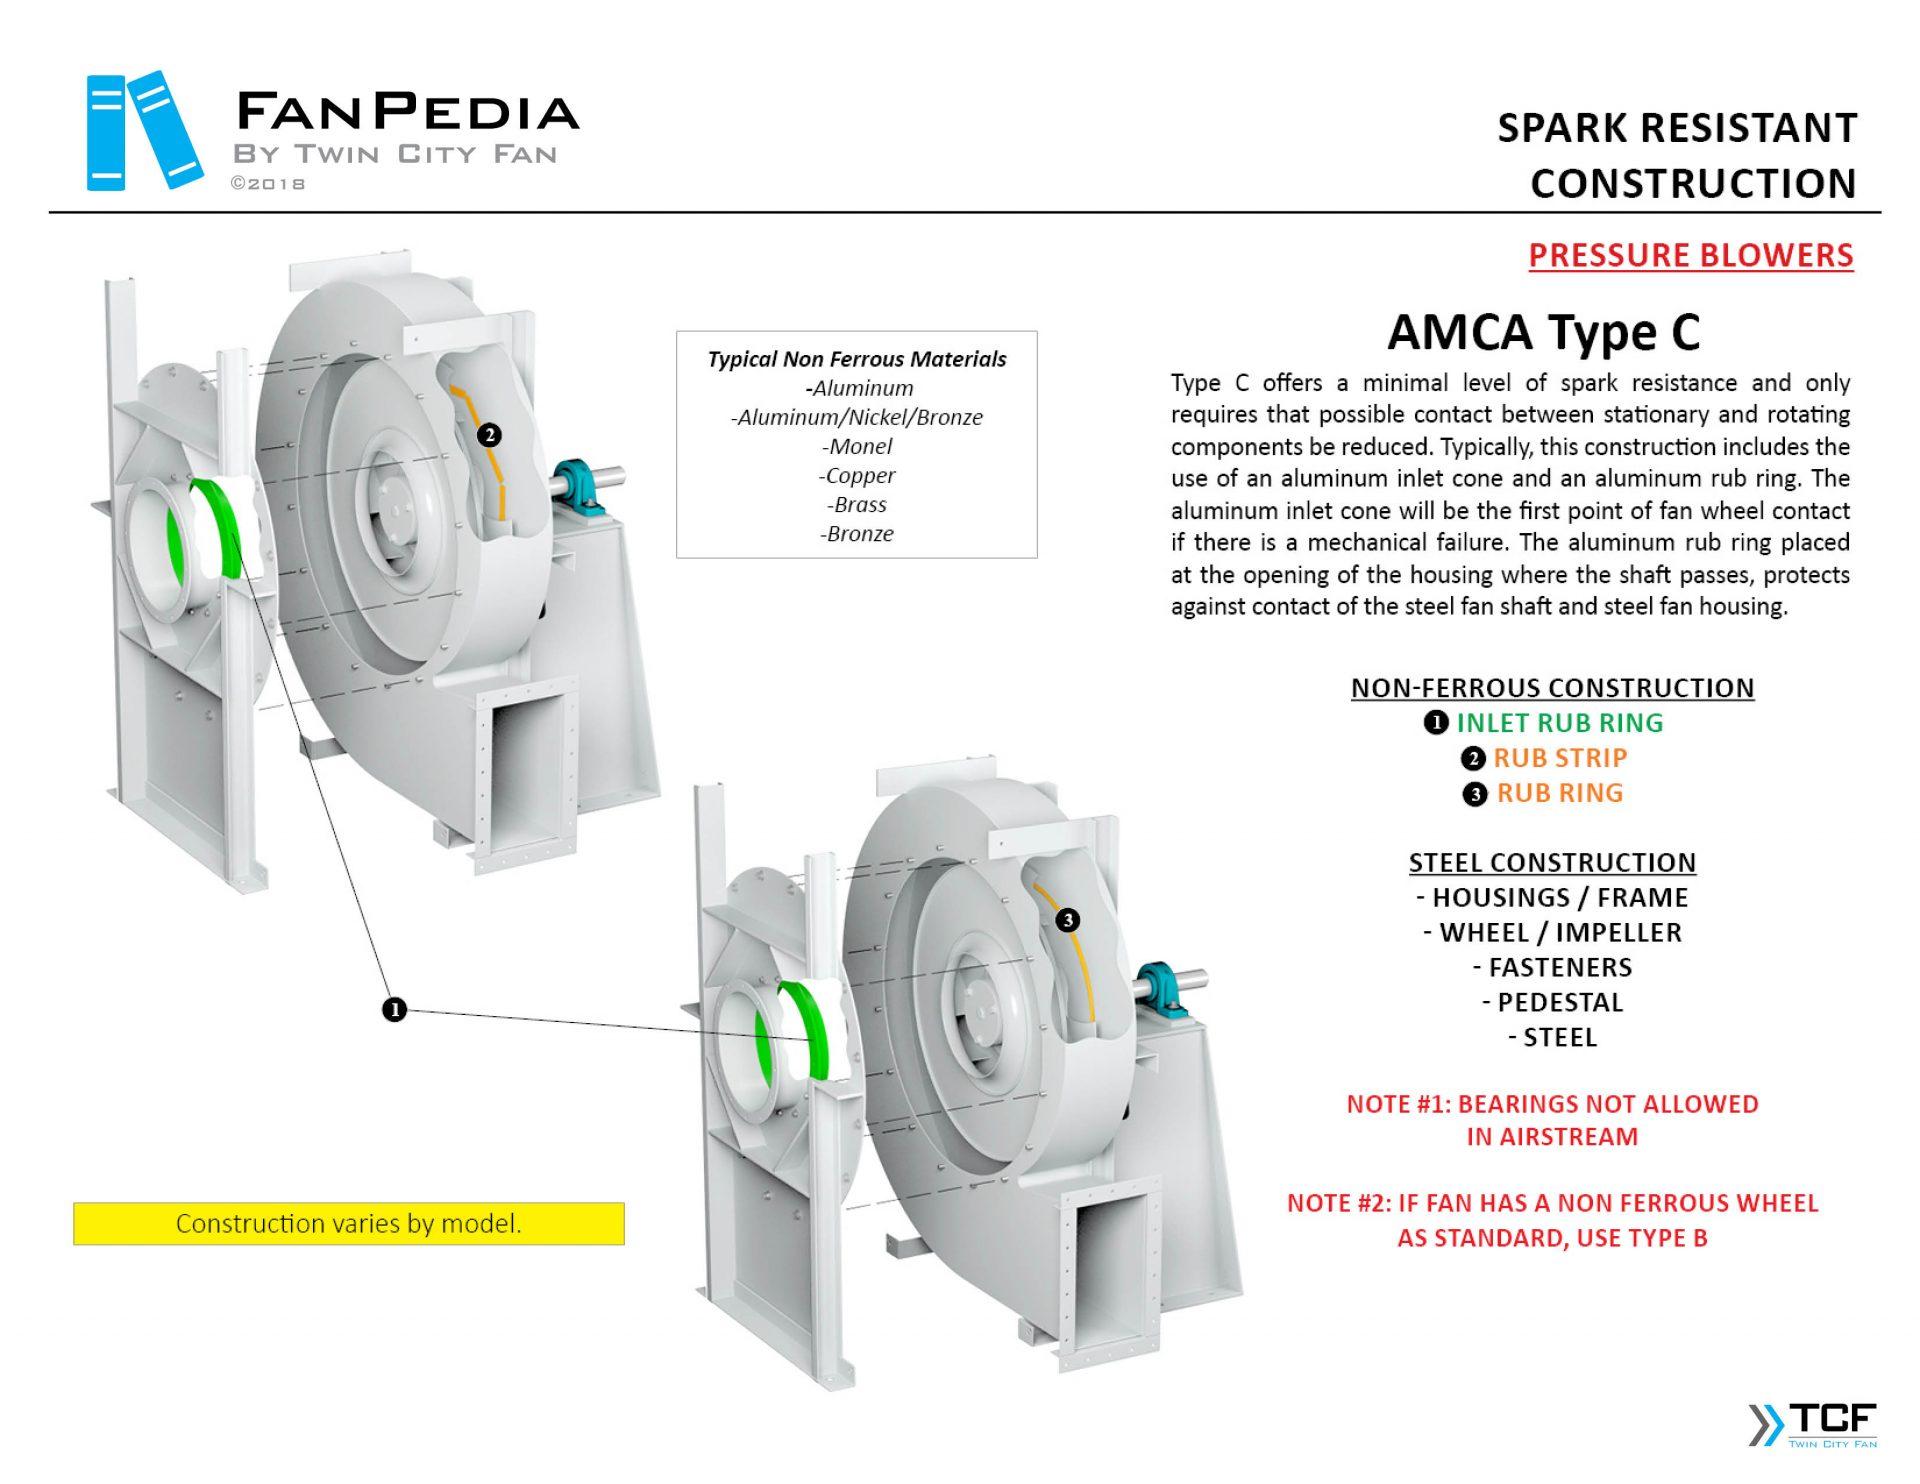 Fan Construction - Spark Resistant5